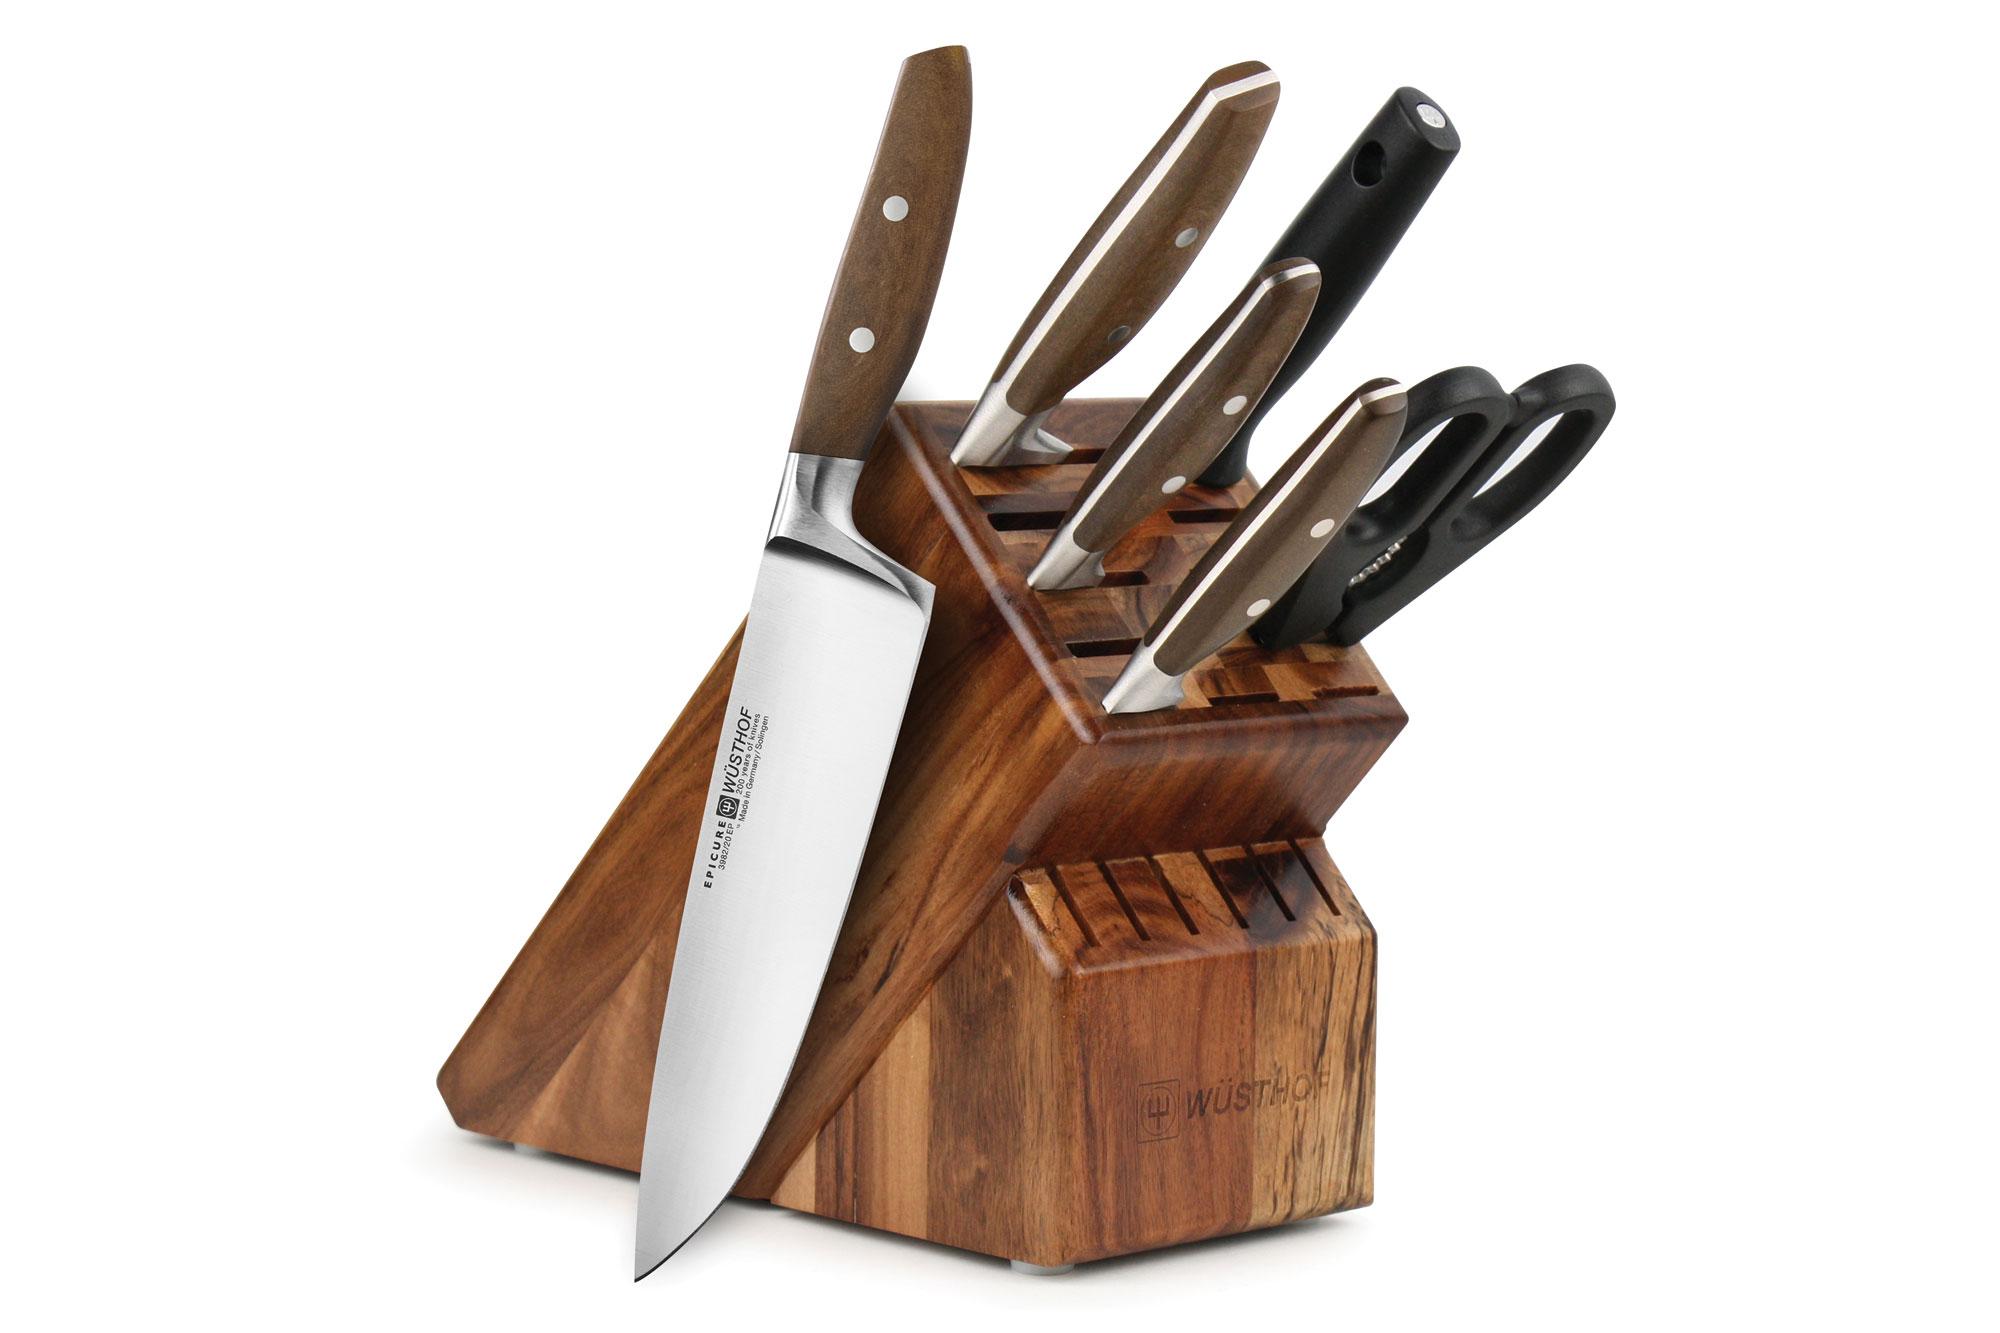 Wusthof Epicure Knife Set 7-piece Acacia Block - Wusthof ...